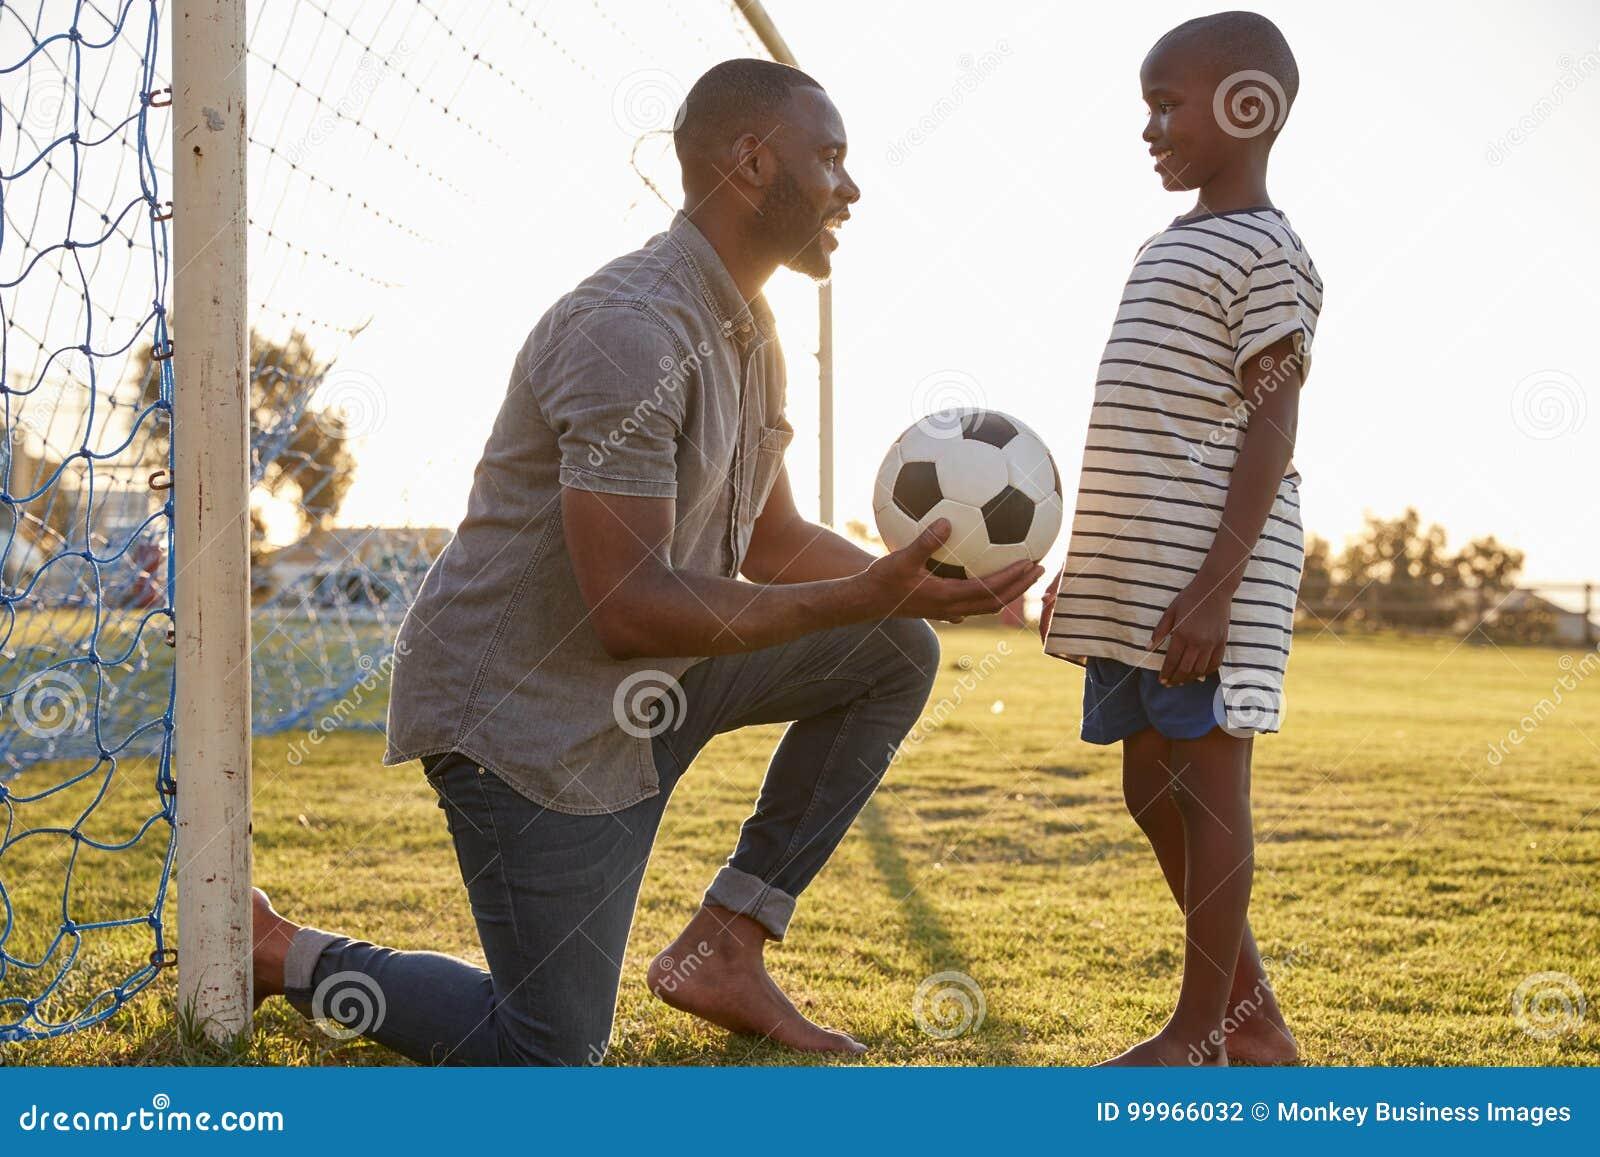 Le père donne une boule à son fils pendant une partie de football